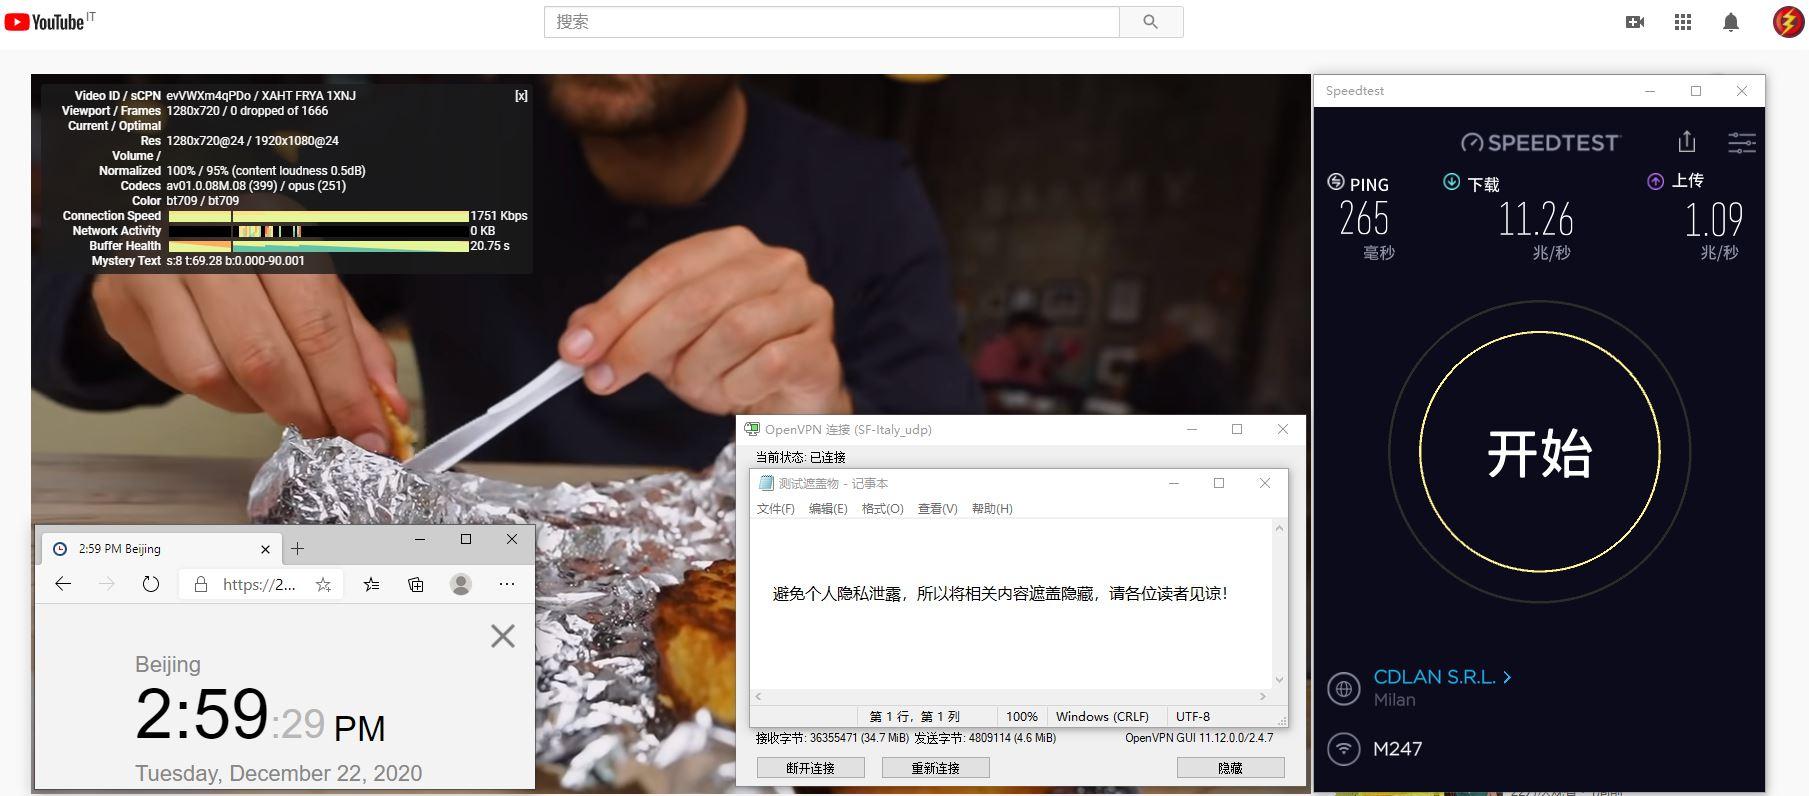 Windows10 SurfsharkVPN Italy 服务器 中国VPN 翻墙 科学上网 测试 - 20201222